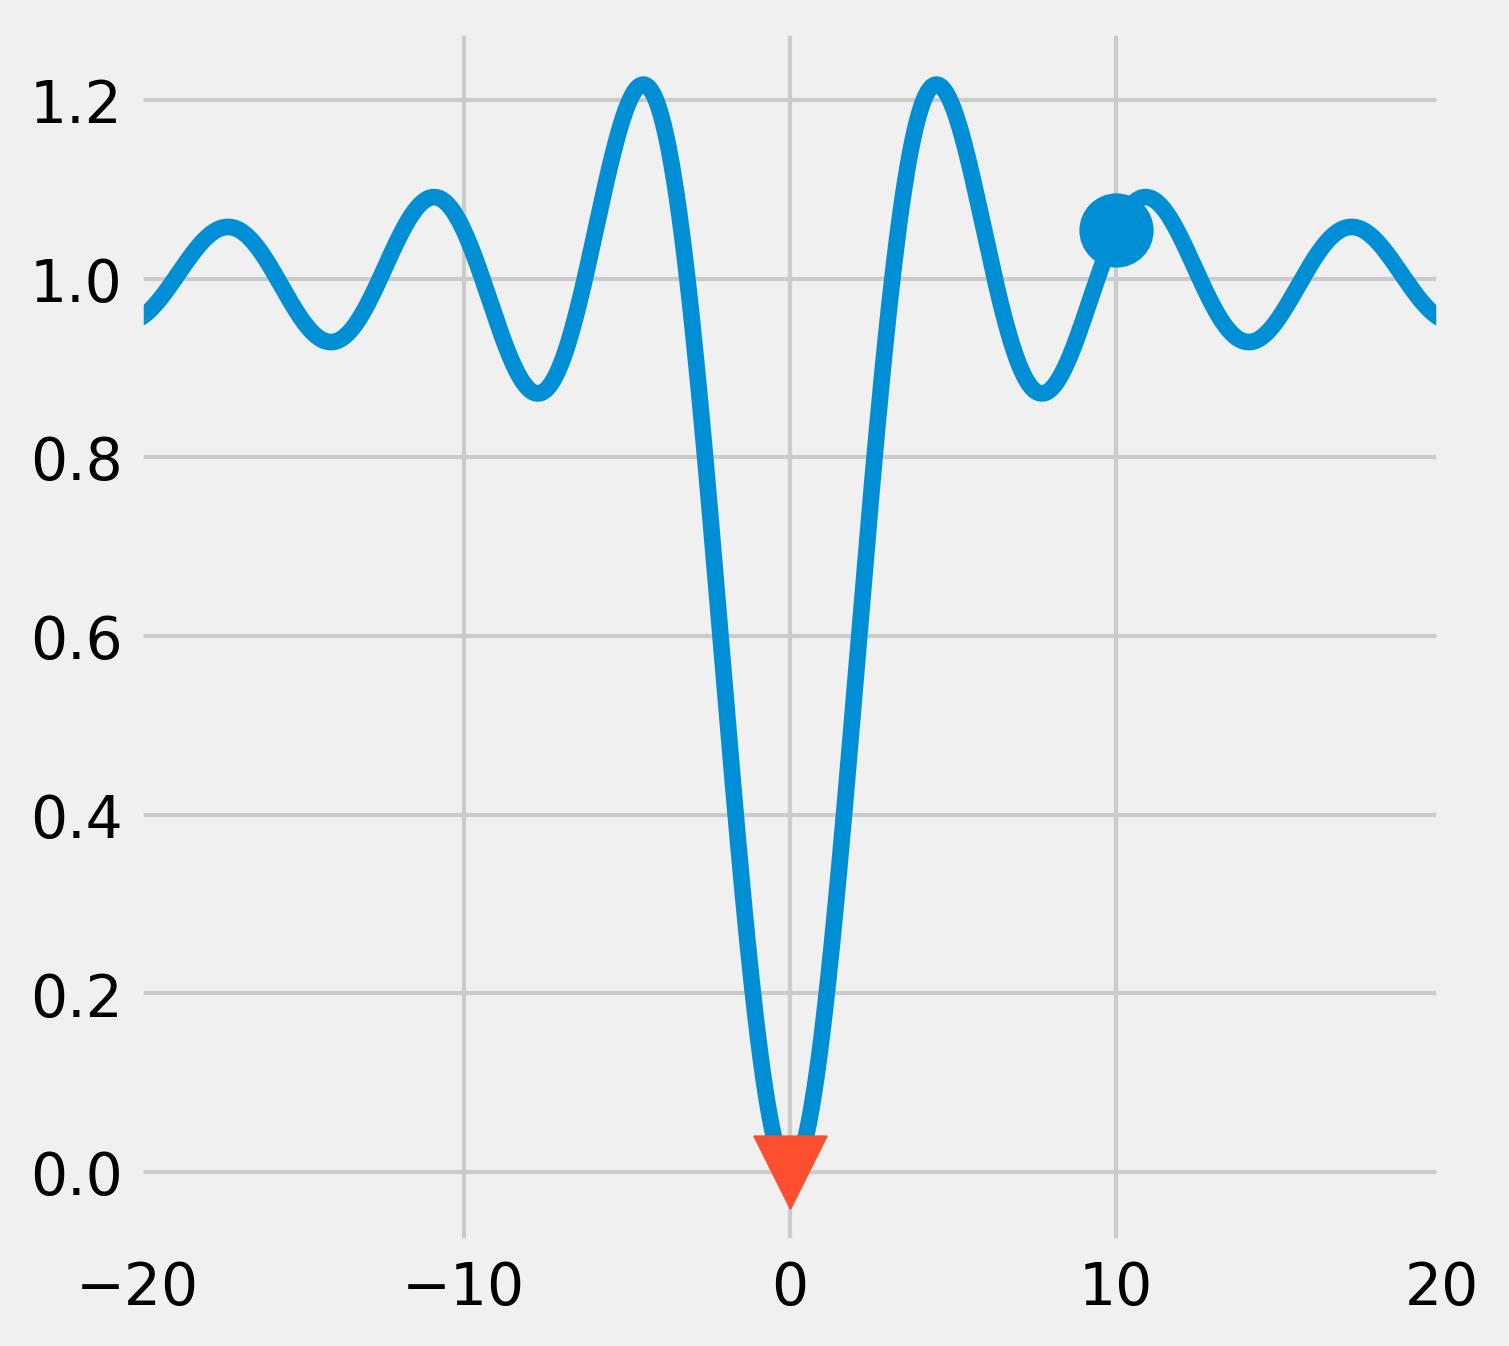 <matplotlib.figure.Figure at 0x73f0f60>